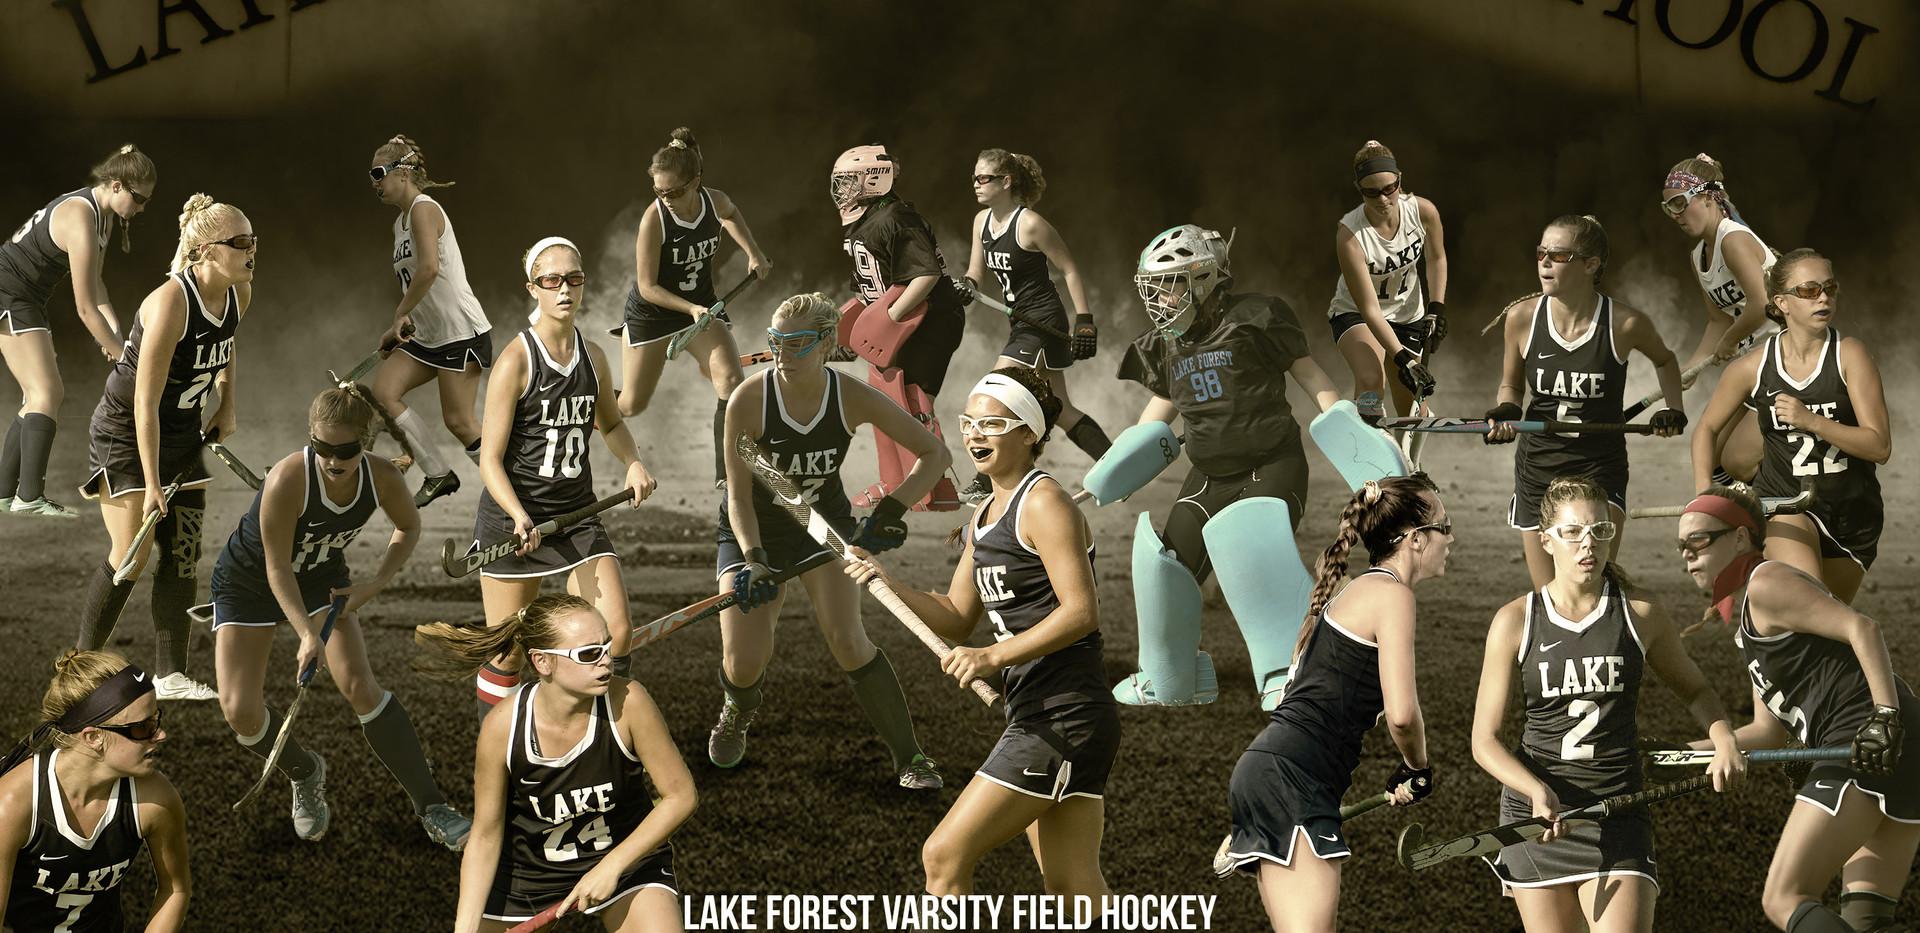 Field Hockey Playoff Poster.jpg